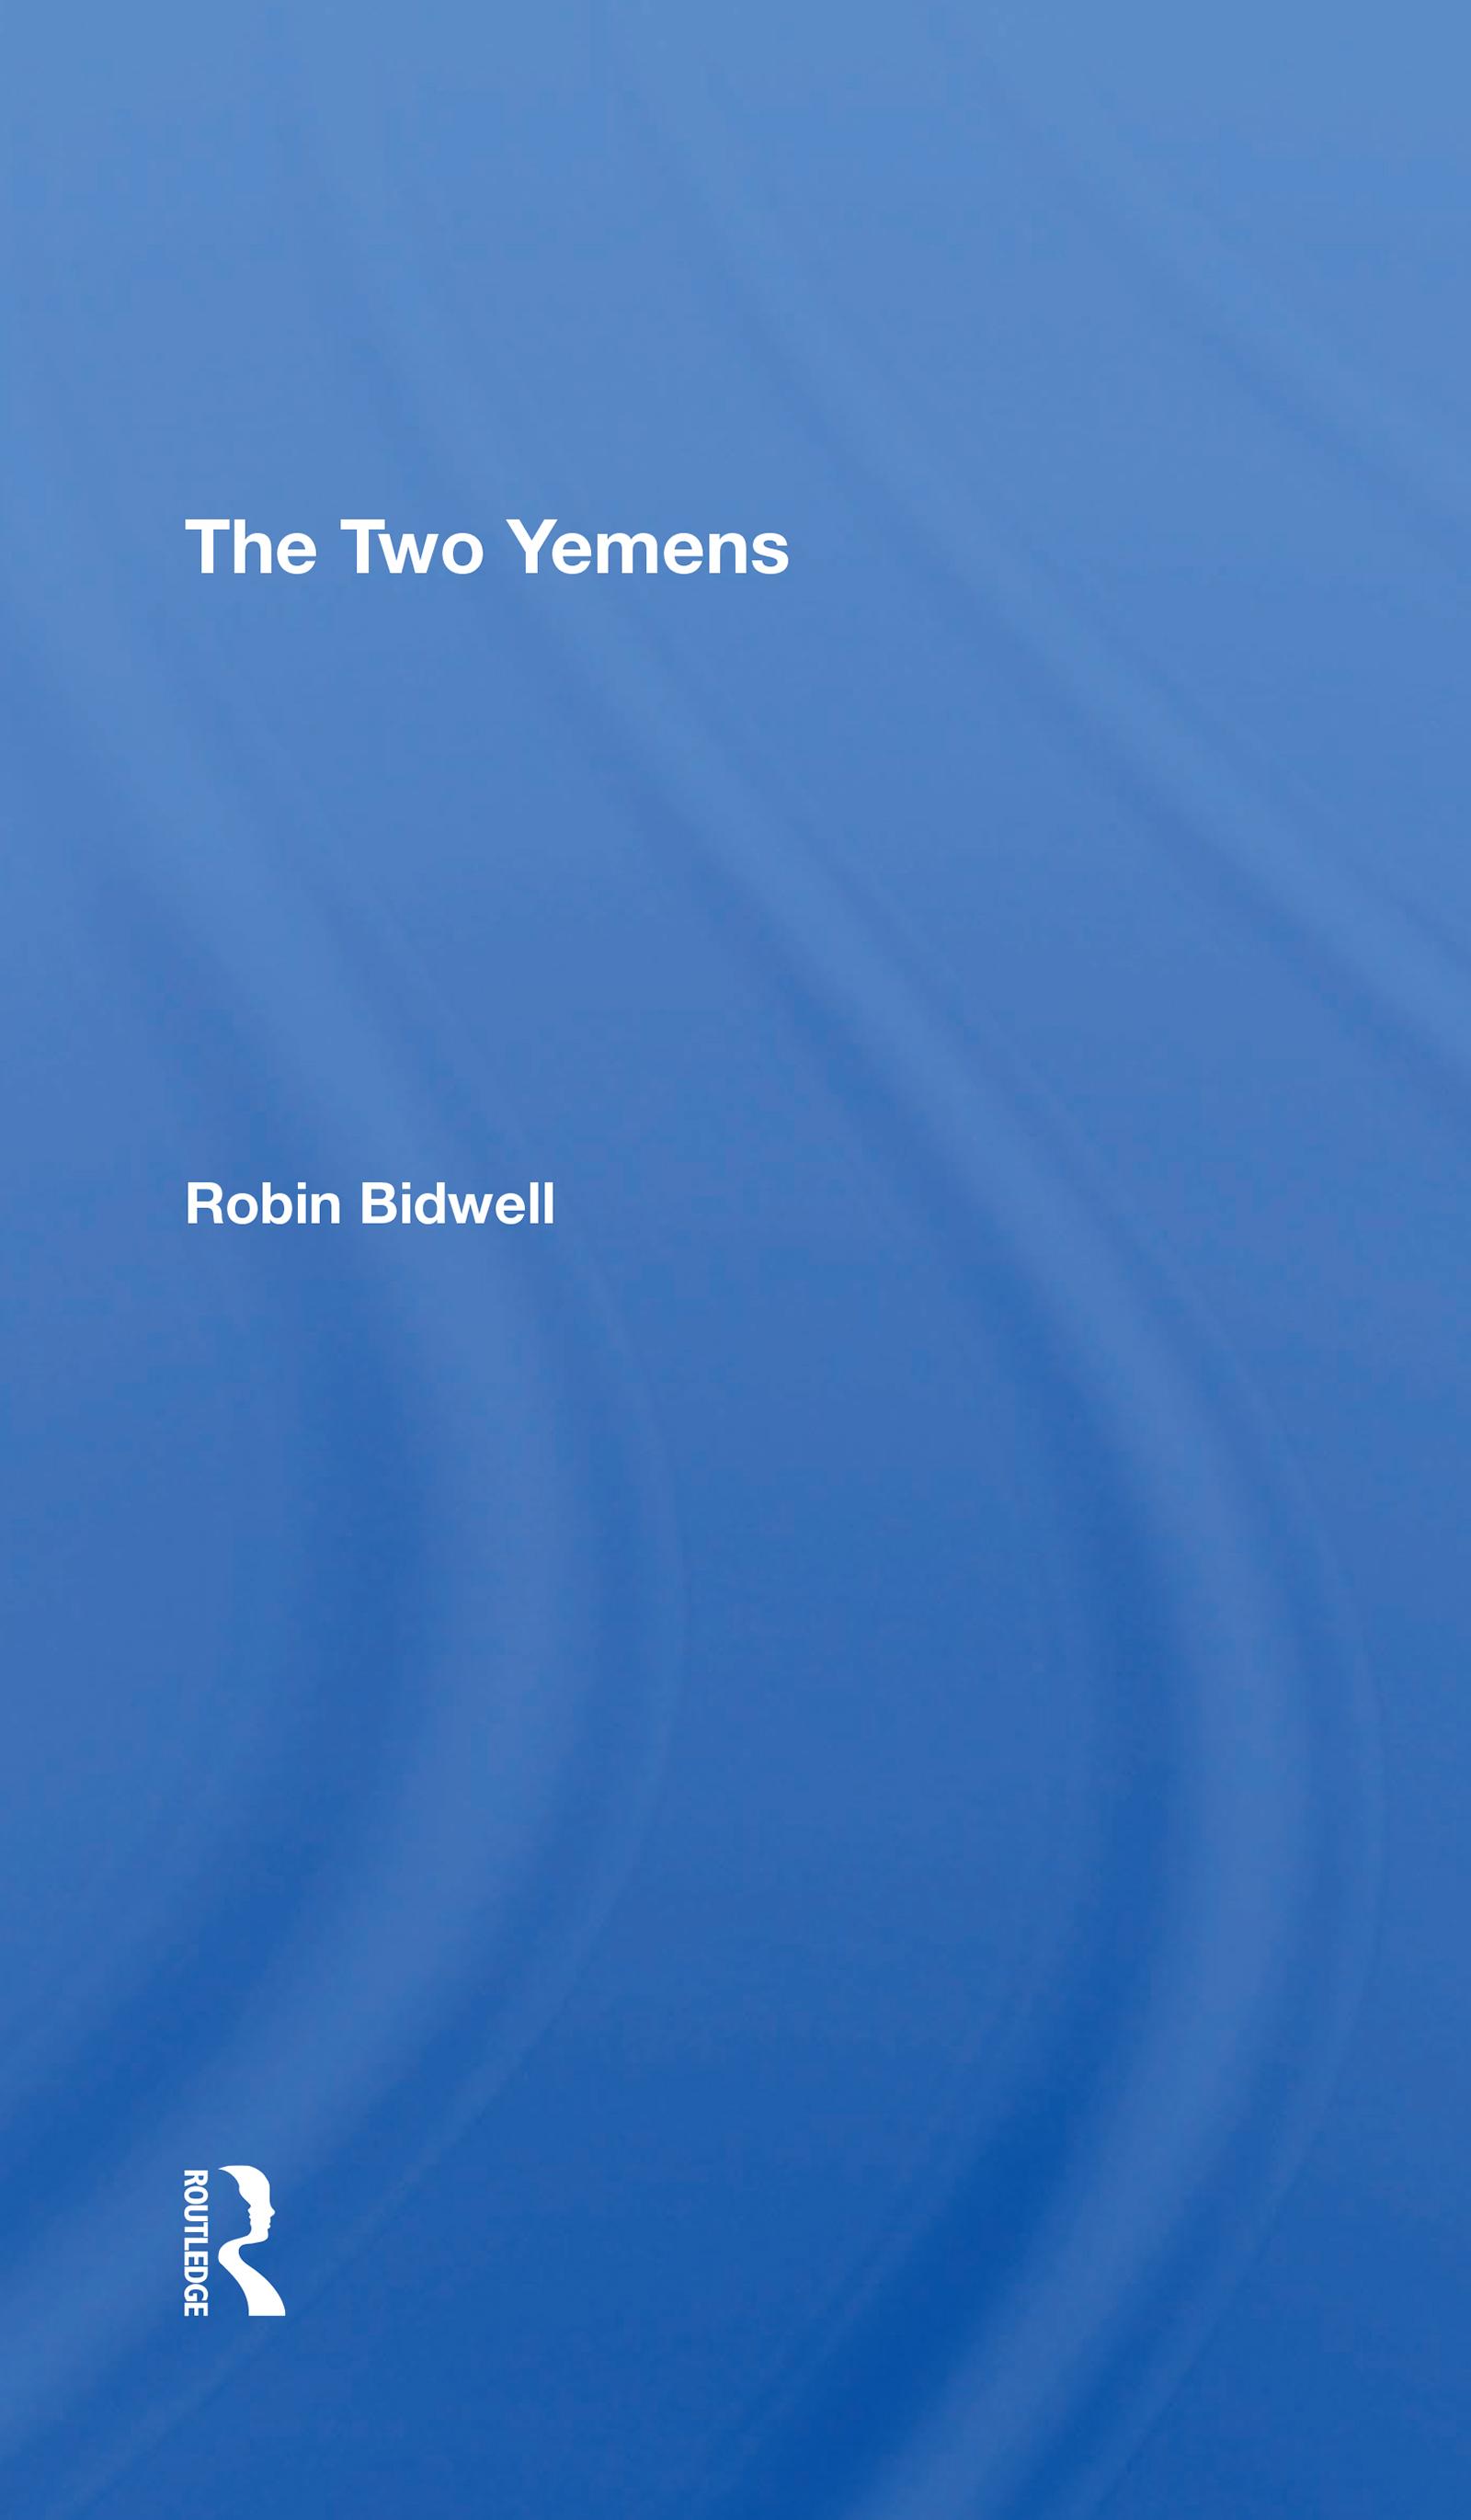 The Two Yemens